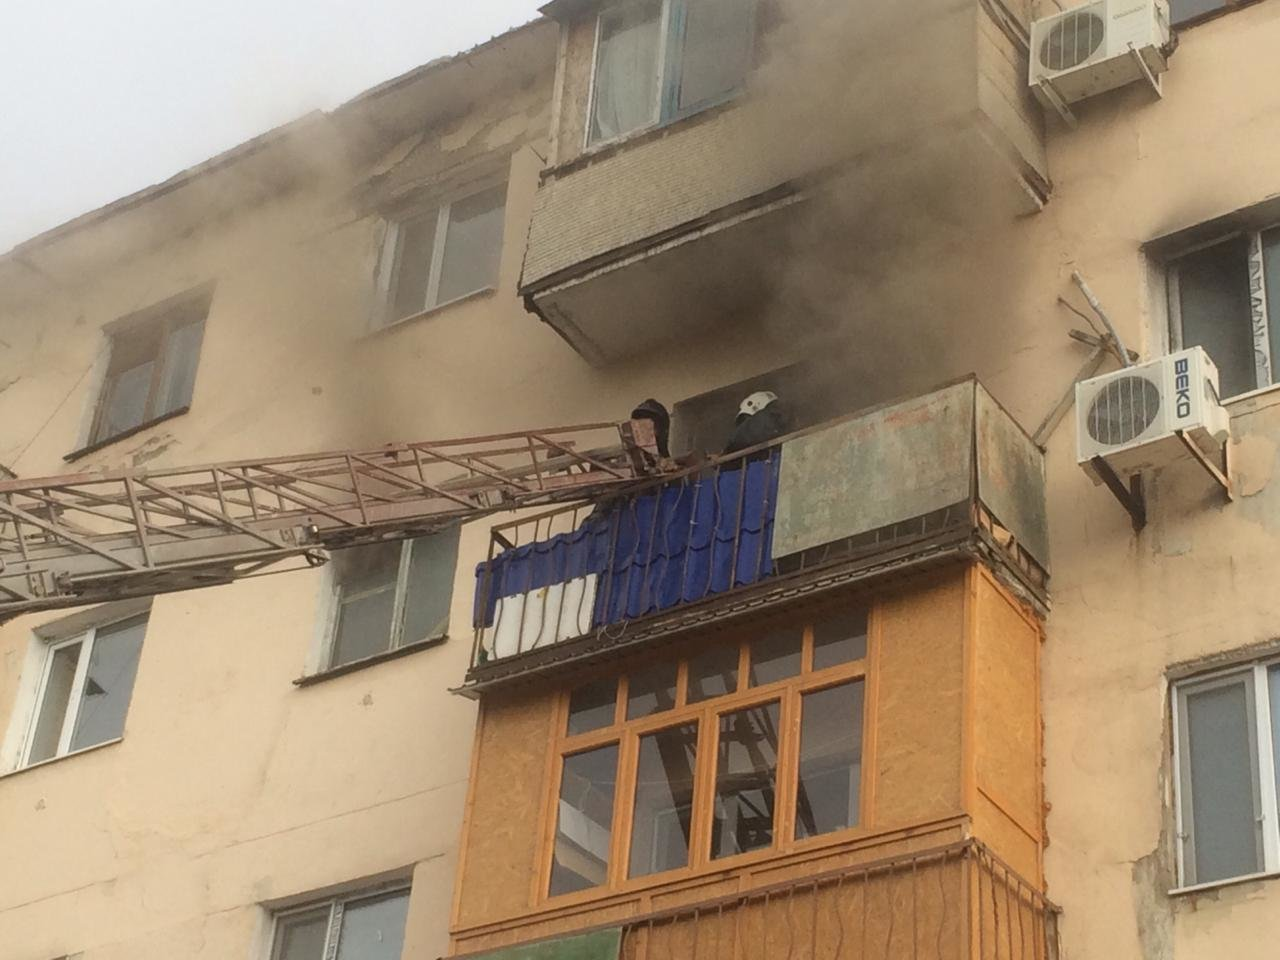 Семь человек спасли из горящей квартиры в Жезказгане, фото-1